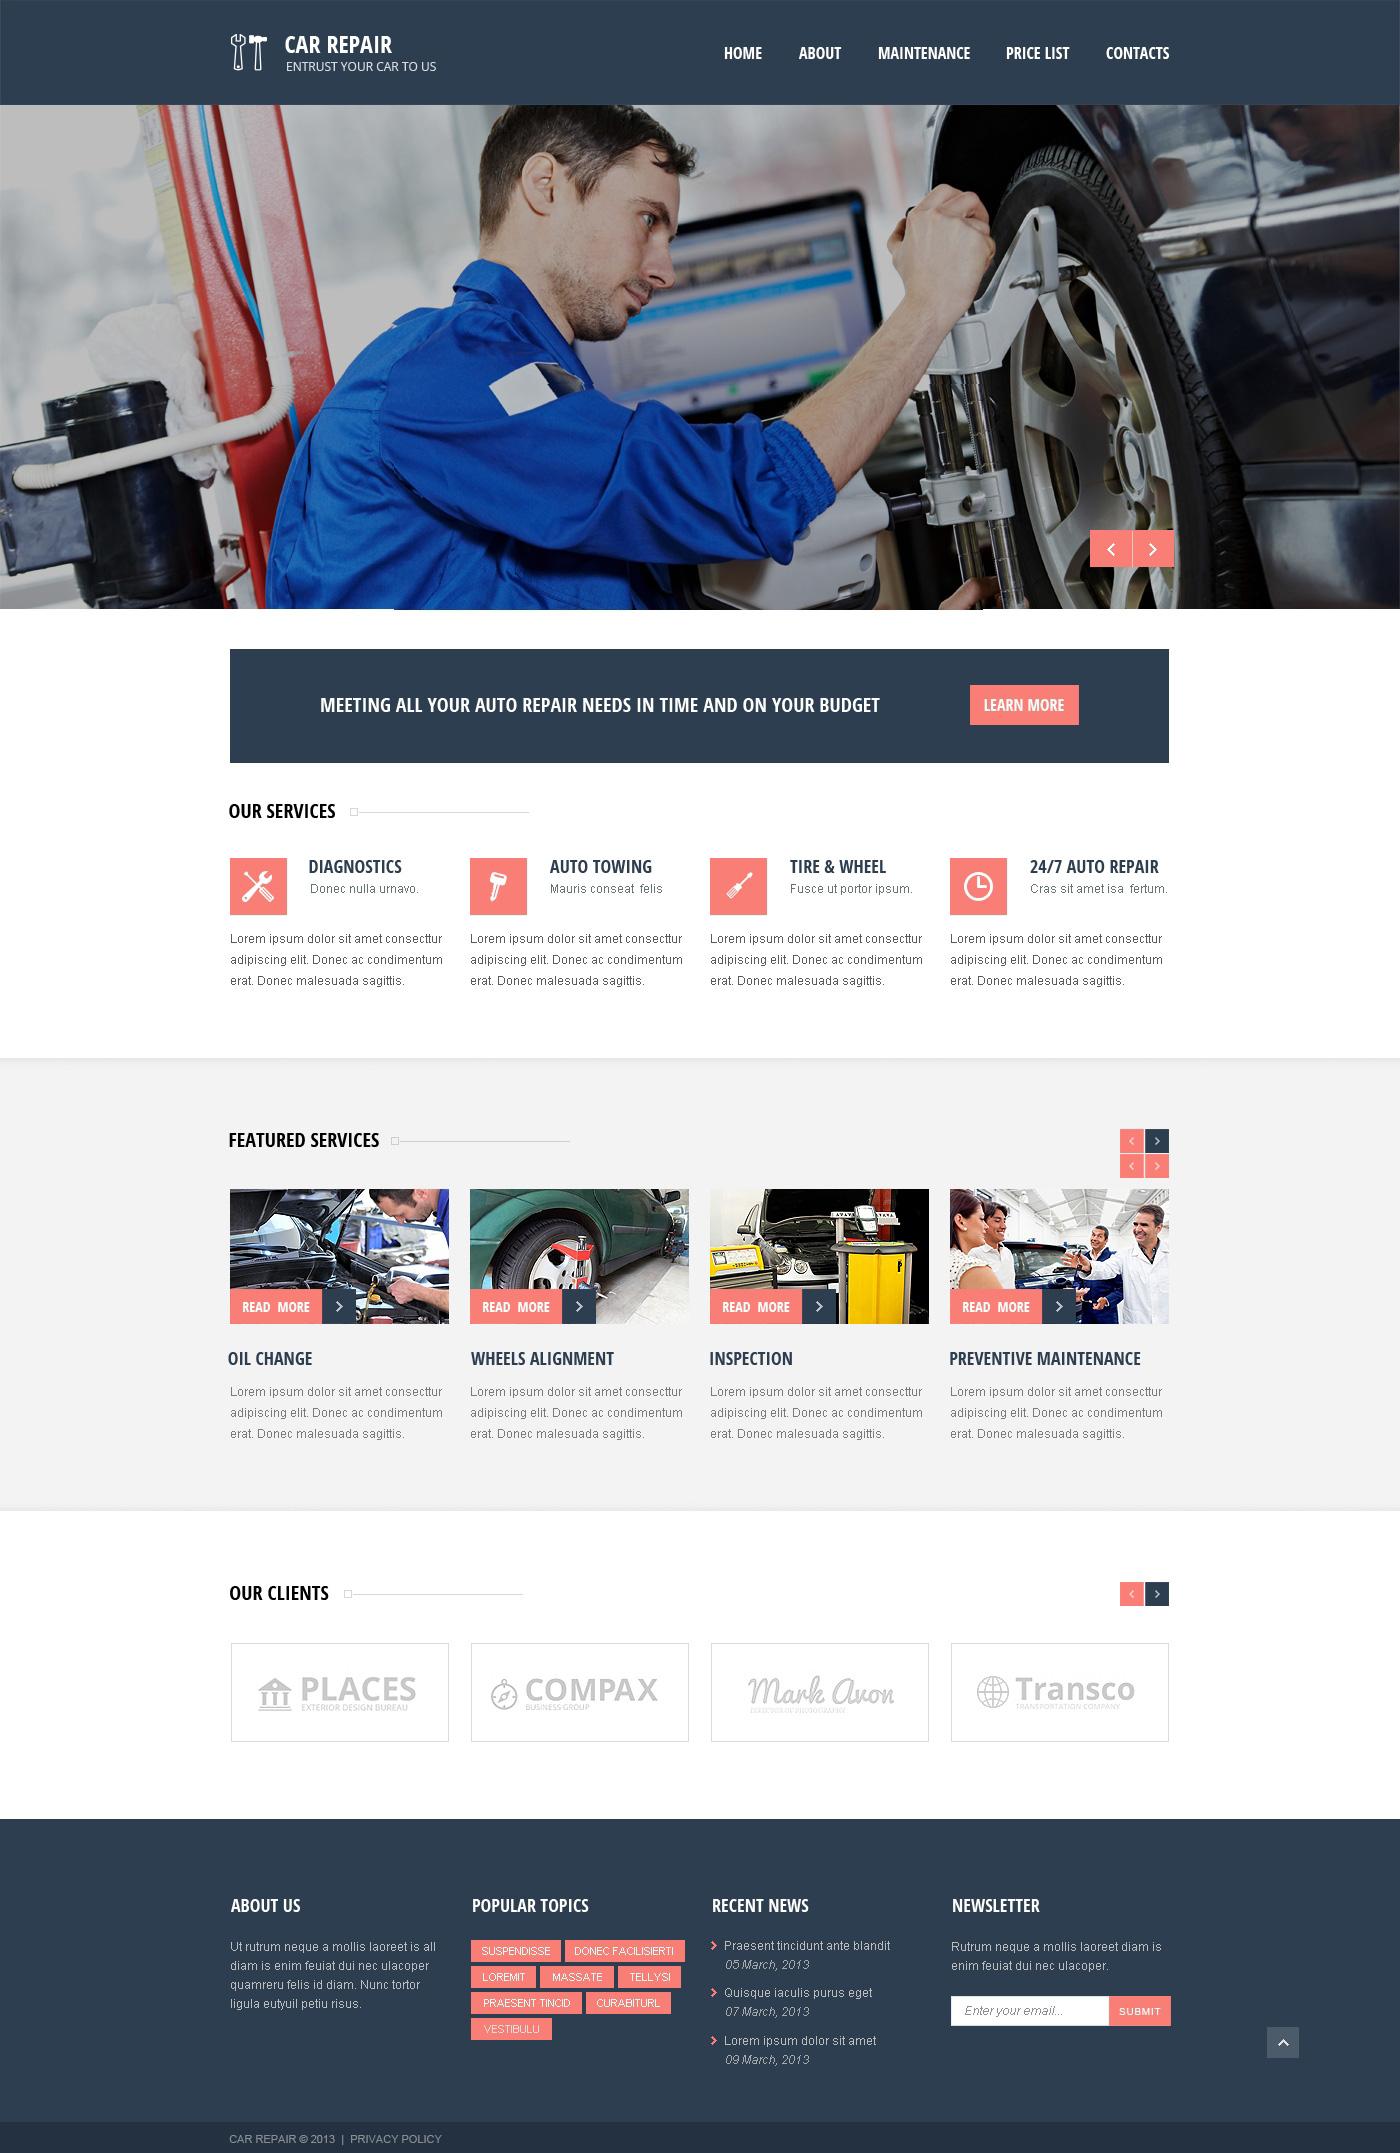 Car Repair Responsive Website Template - screenshot